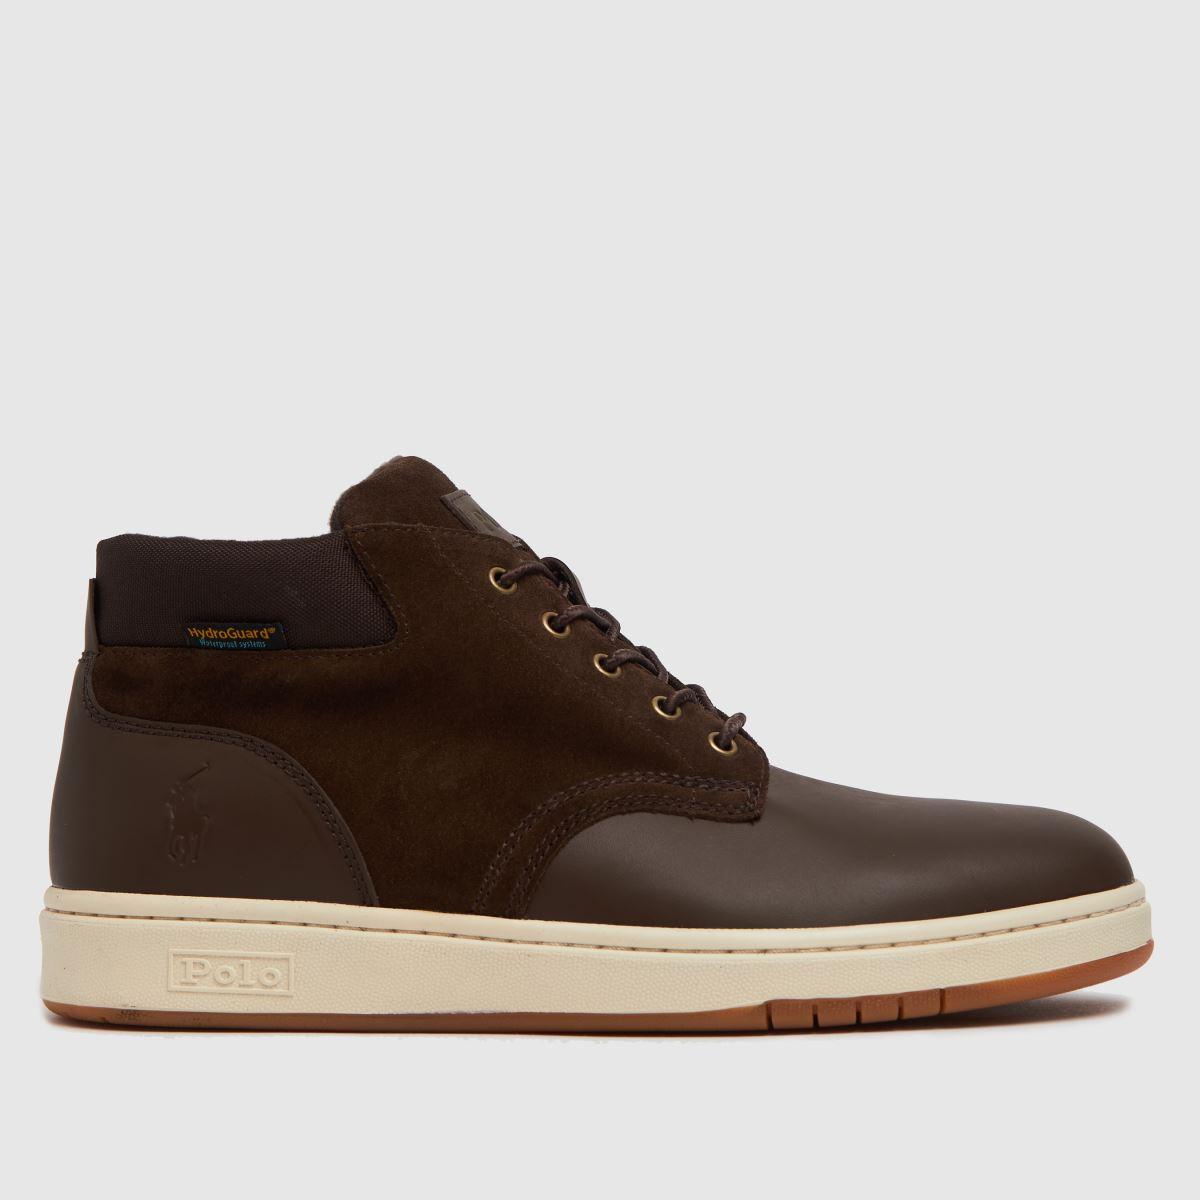 Polo Ralph Lauren Brown Sneaker Boot Waterproof Boots